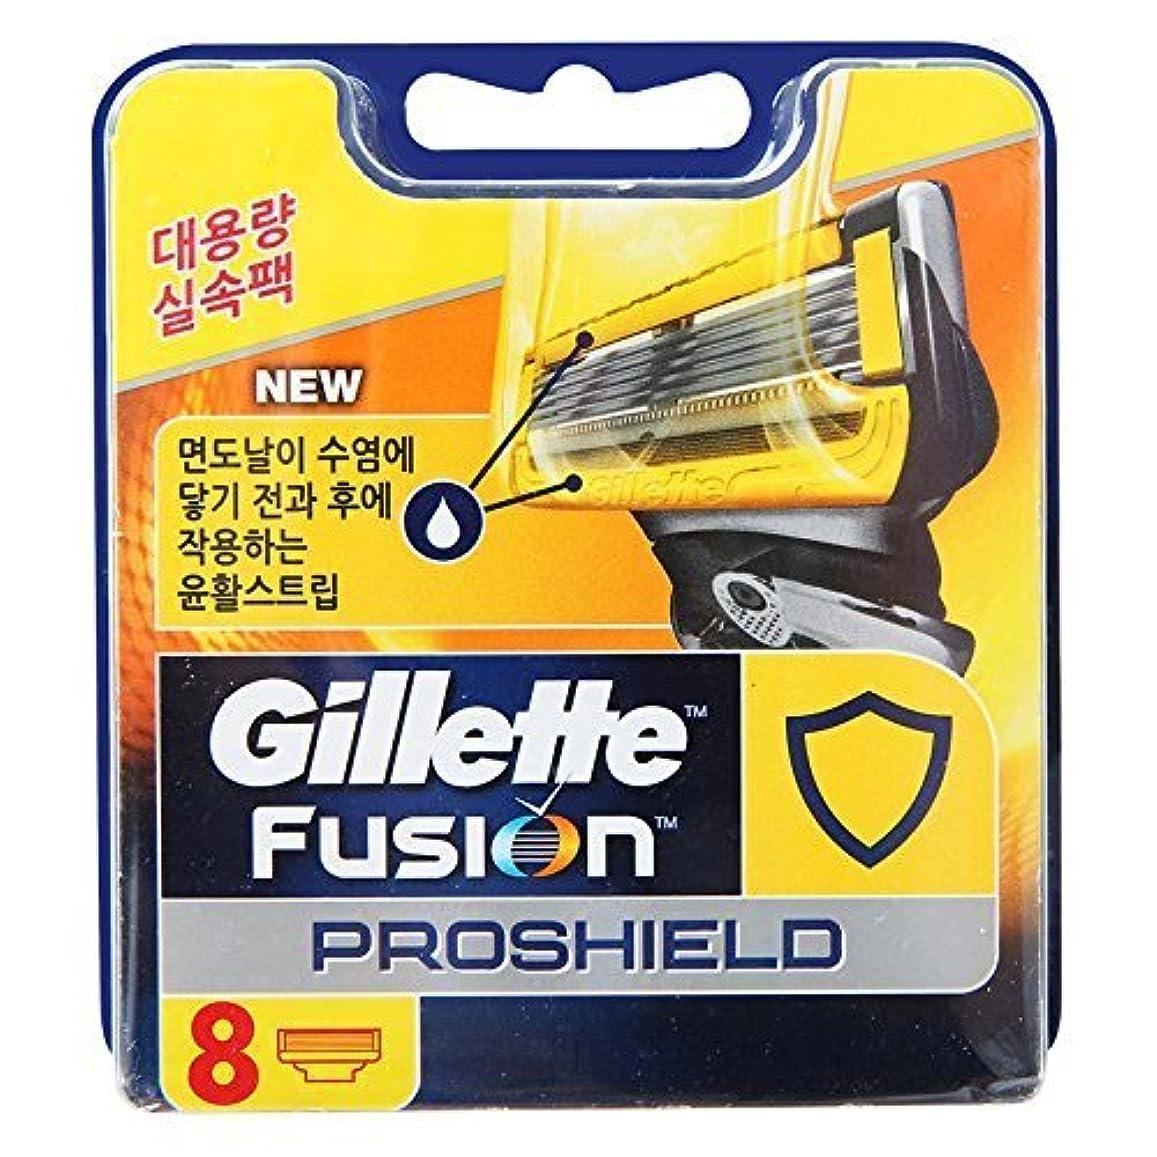 若者ウォルターカニンガムハーブGillette Fusion Proshield Yellow Men's Razor Blade 8 Pack / ドイツ製 [並行輸入品]